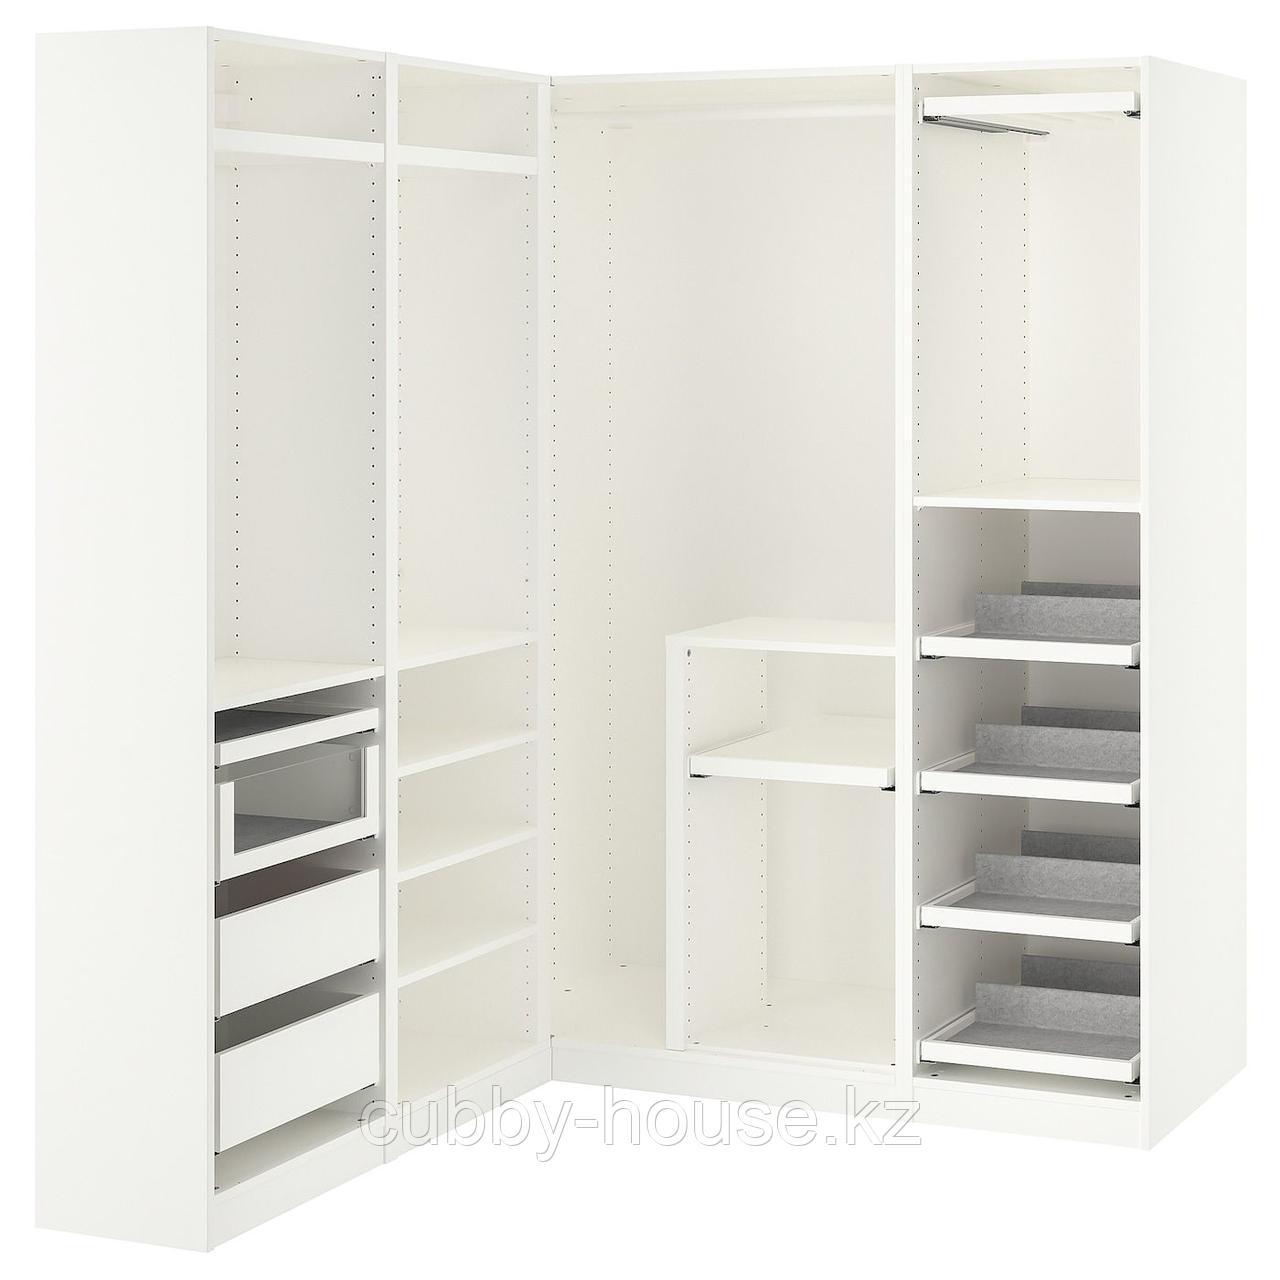 ПАКС Гардероб угловой, белый, 160/163x236 см